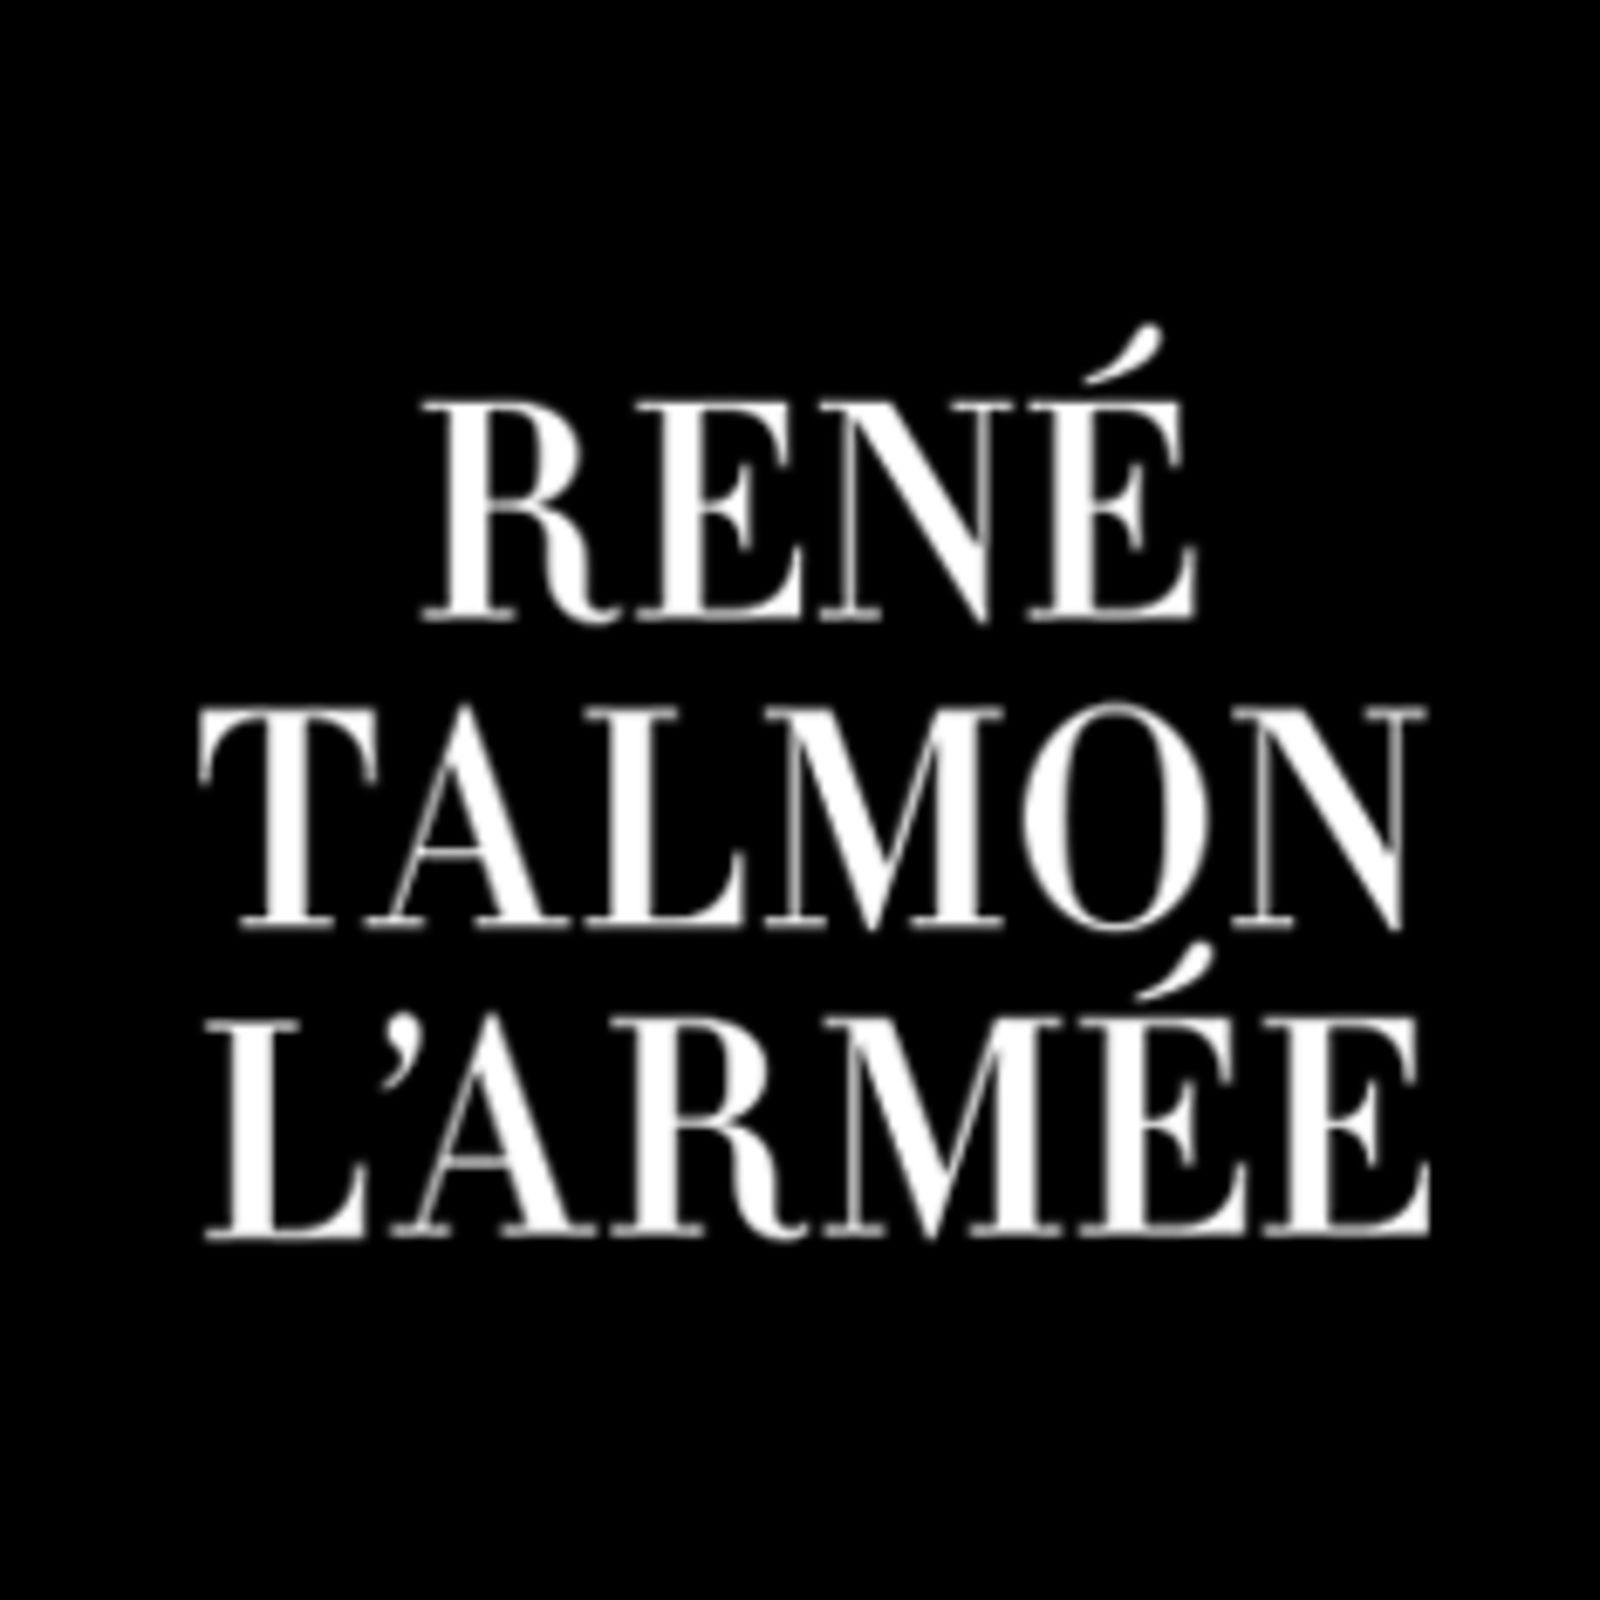 RENÉ TALMON L'ARMÉE